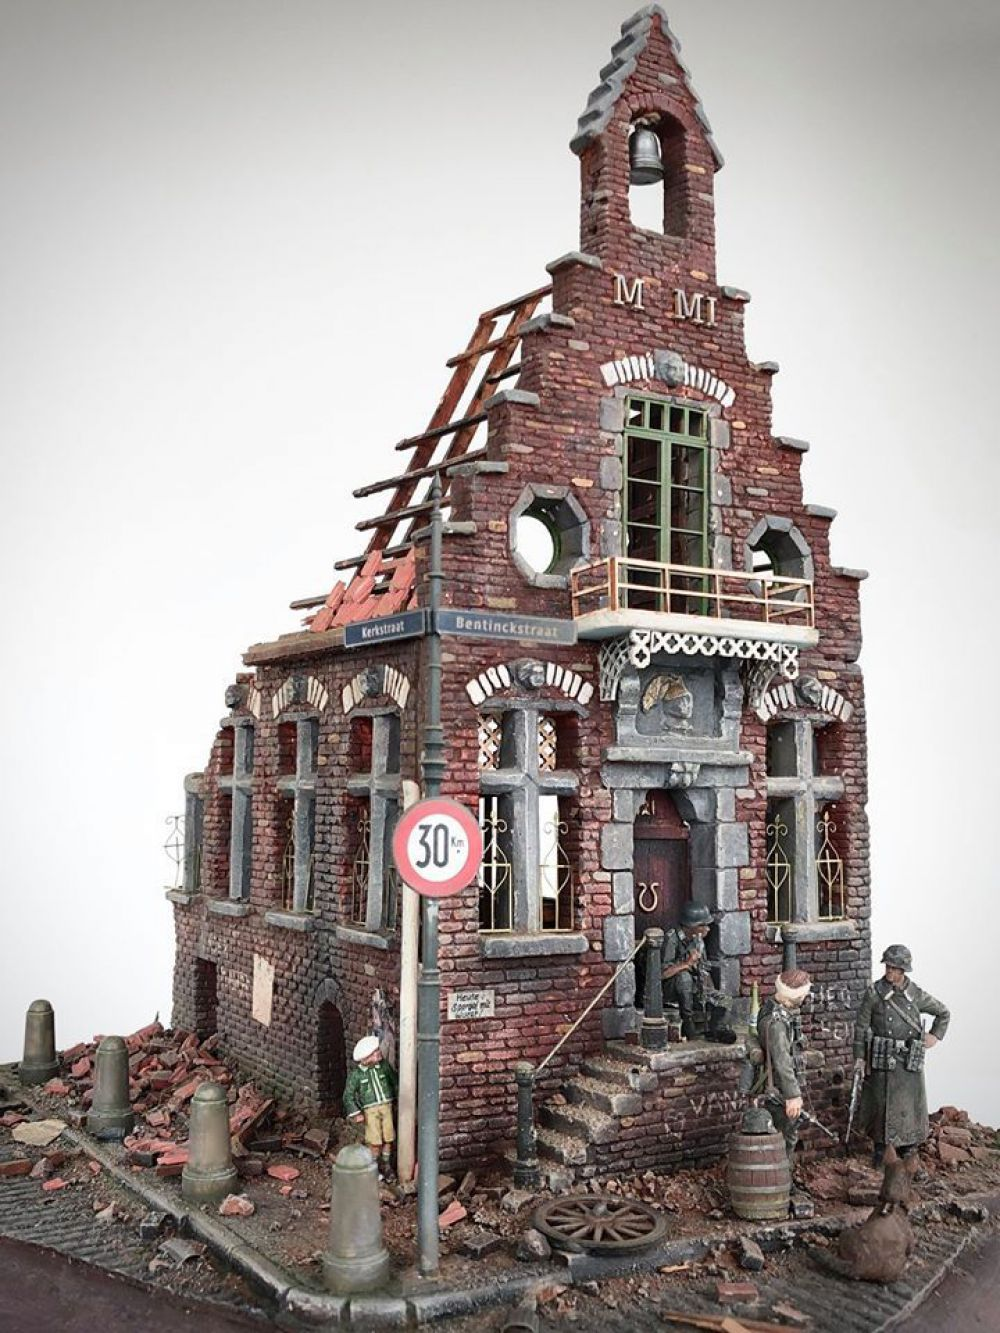 By Alexander ter Meulen (NL)